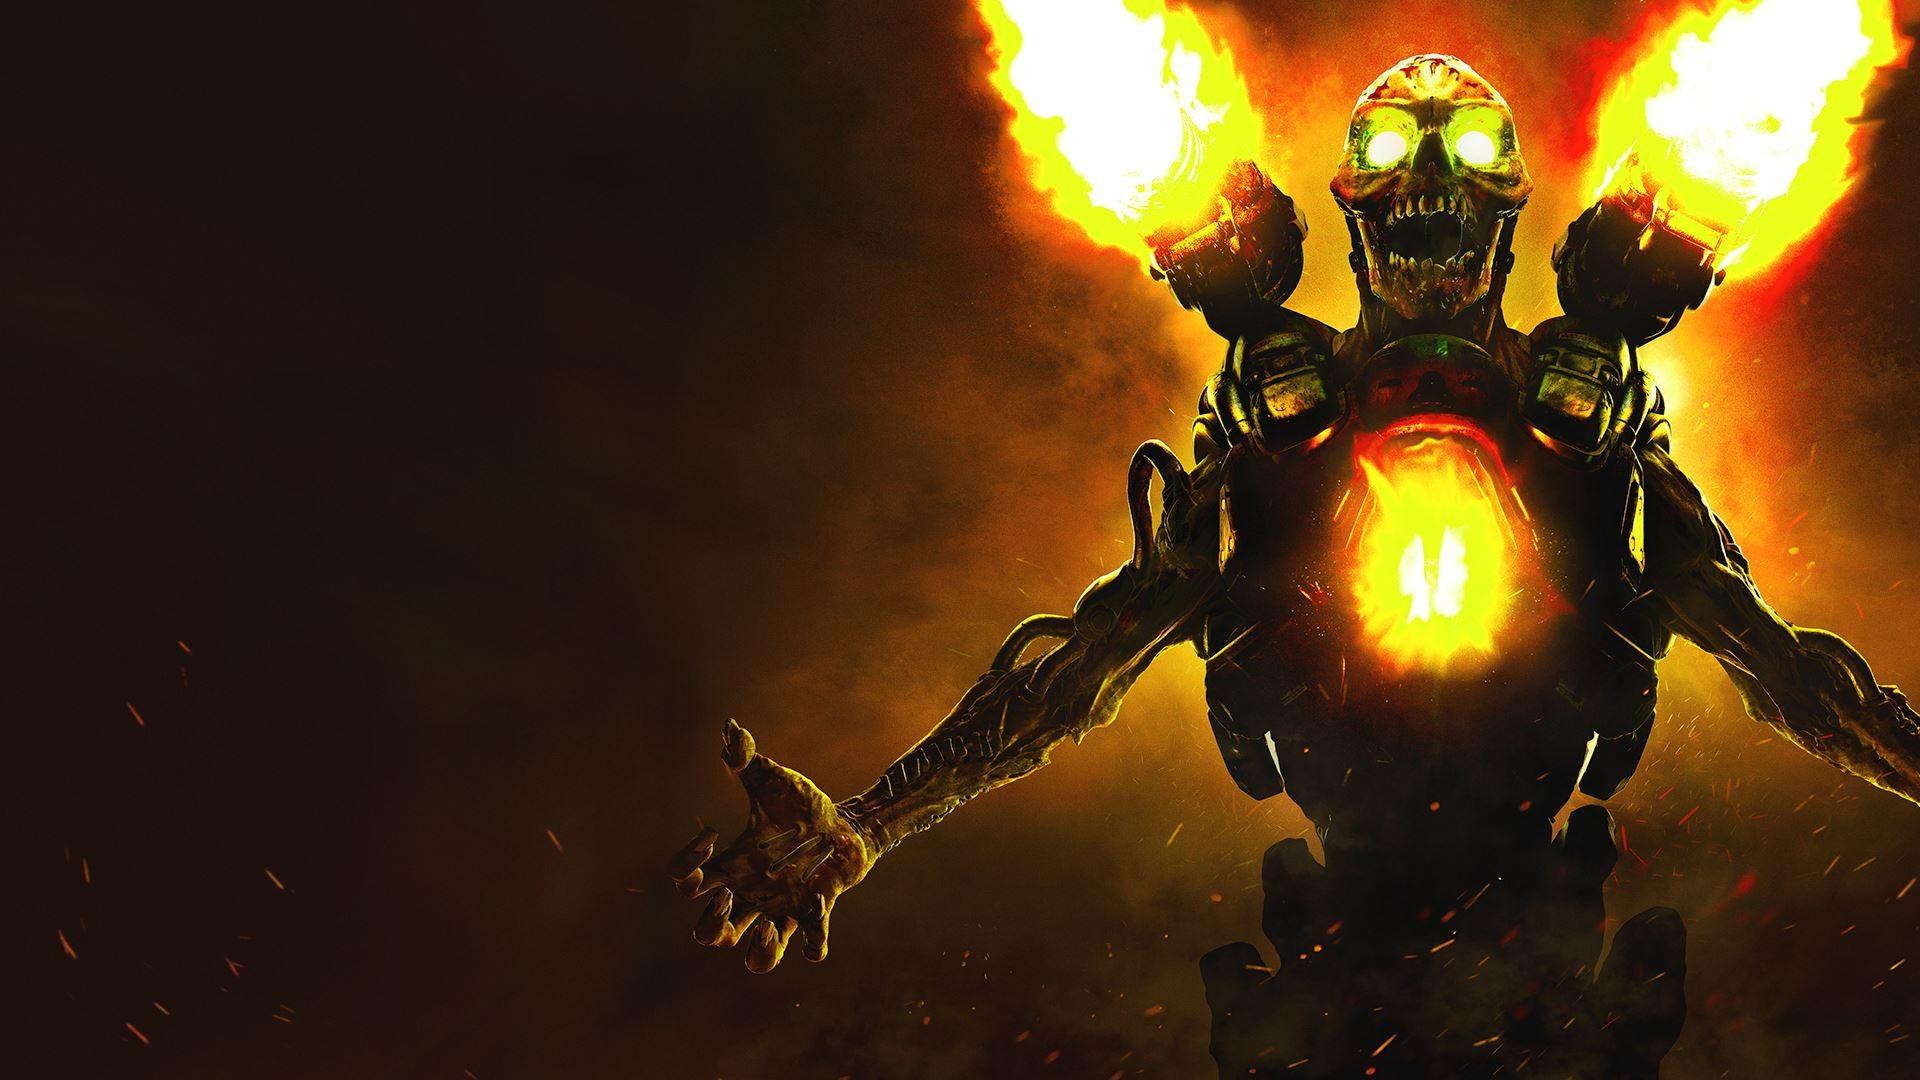 Doom wallpaper ·① Download free HD wallpapers of Doom computer game